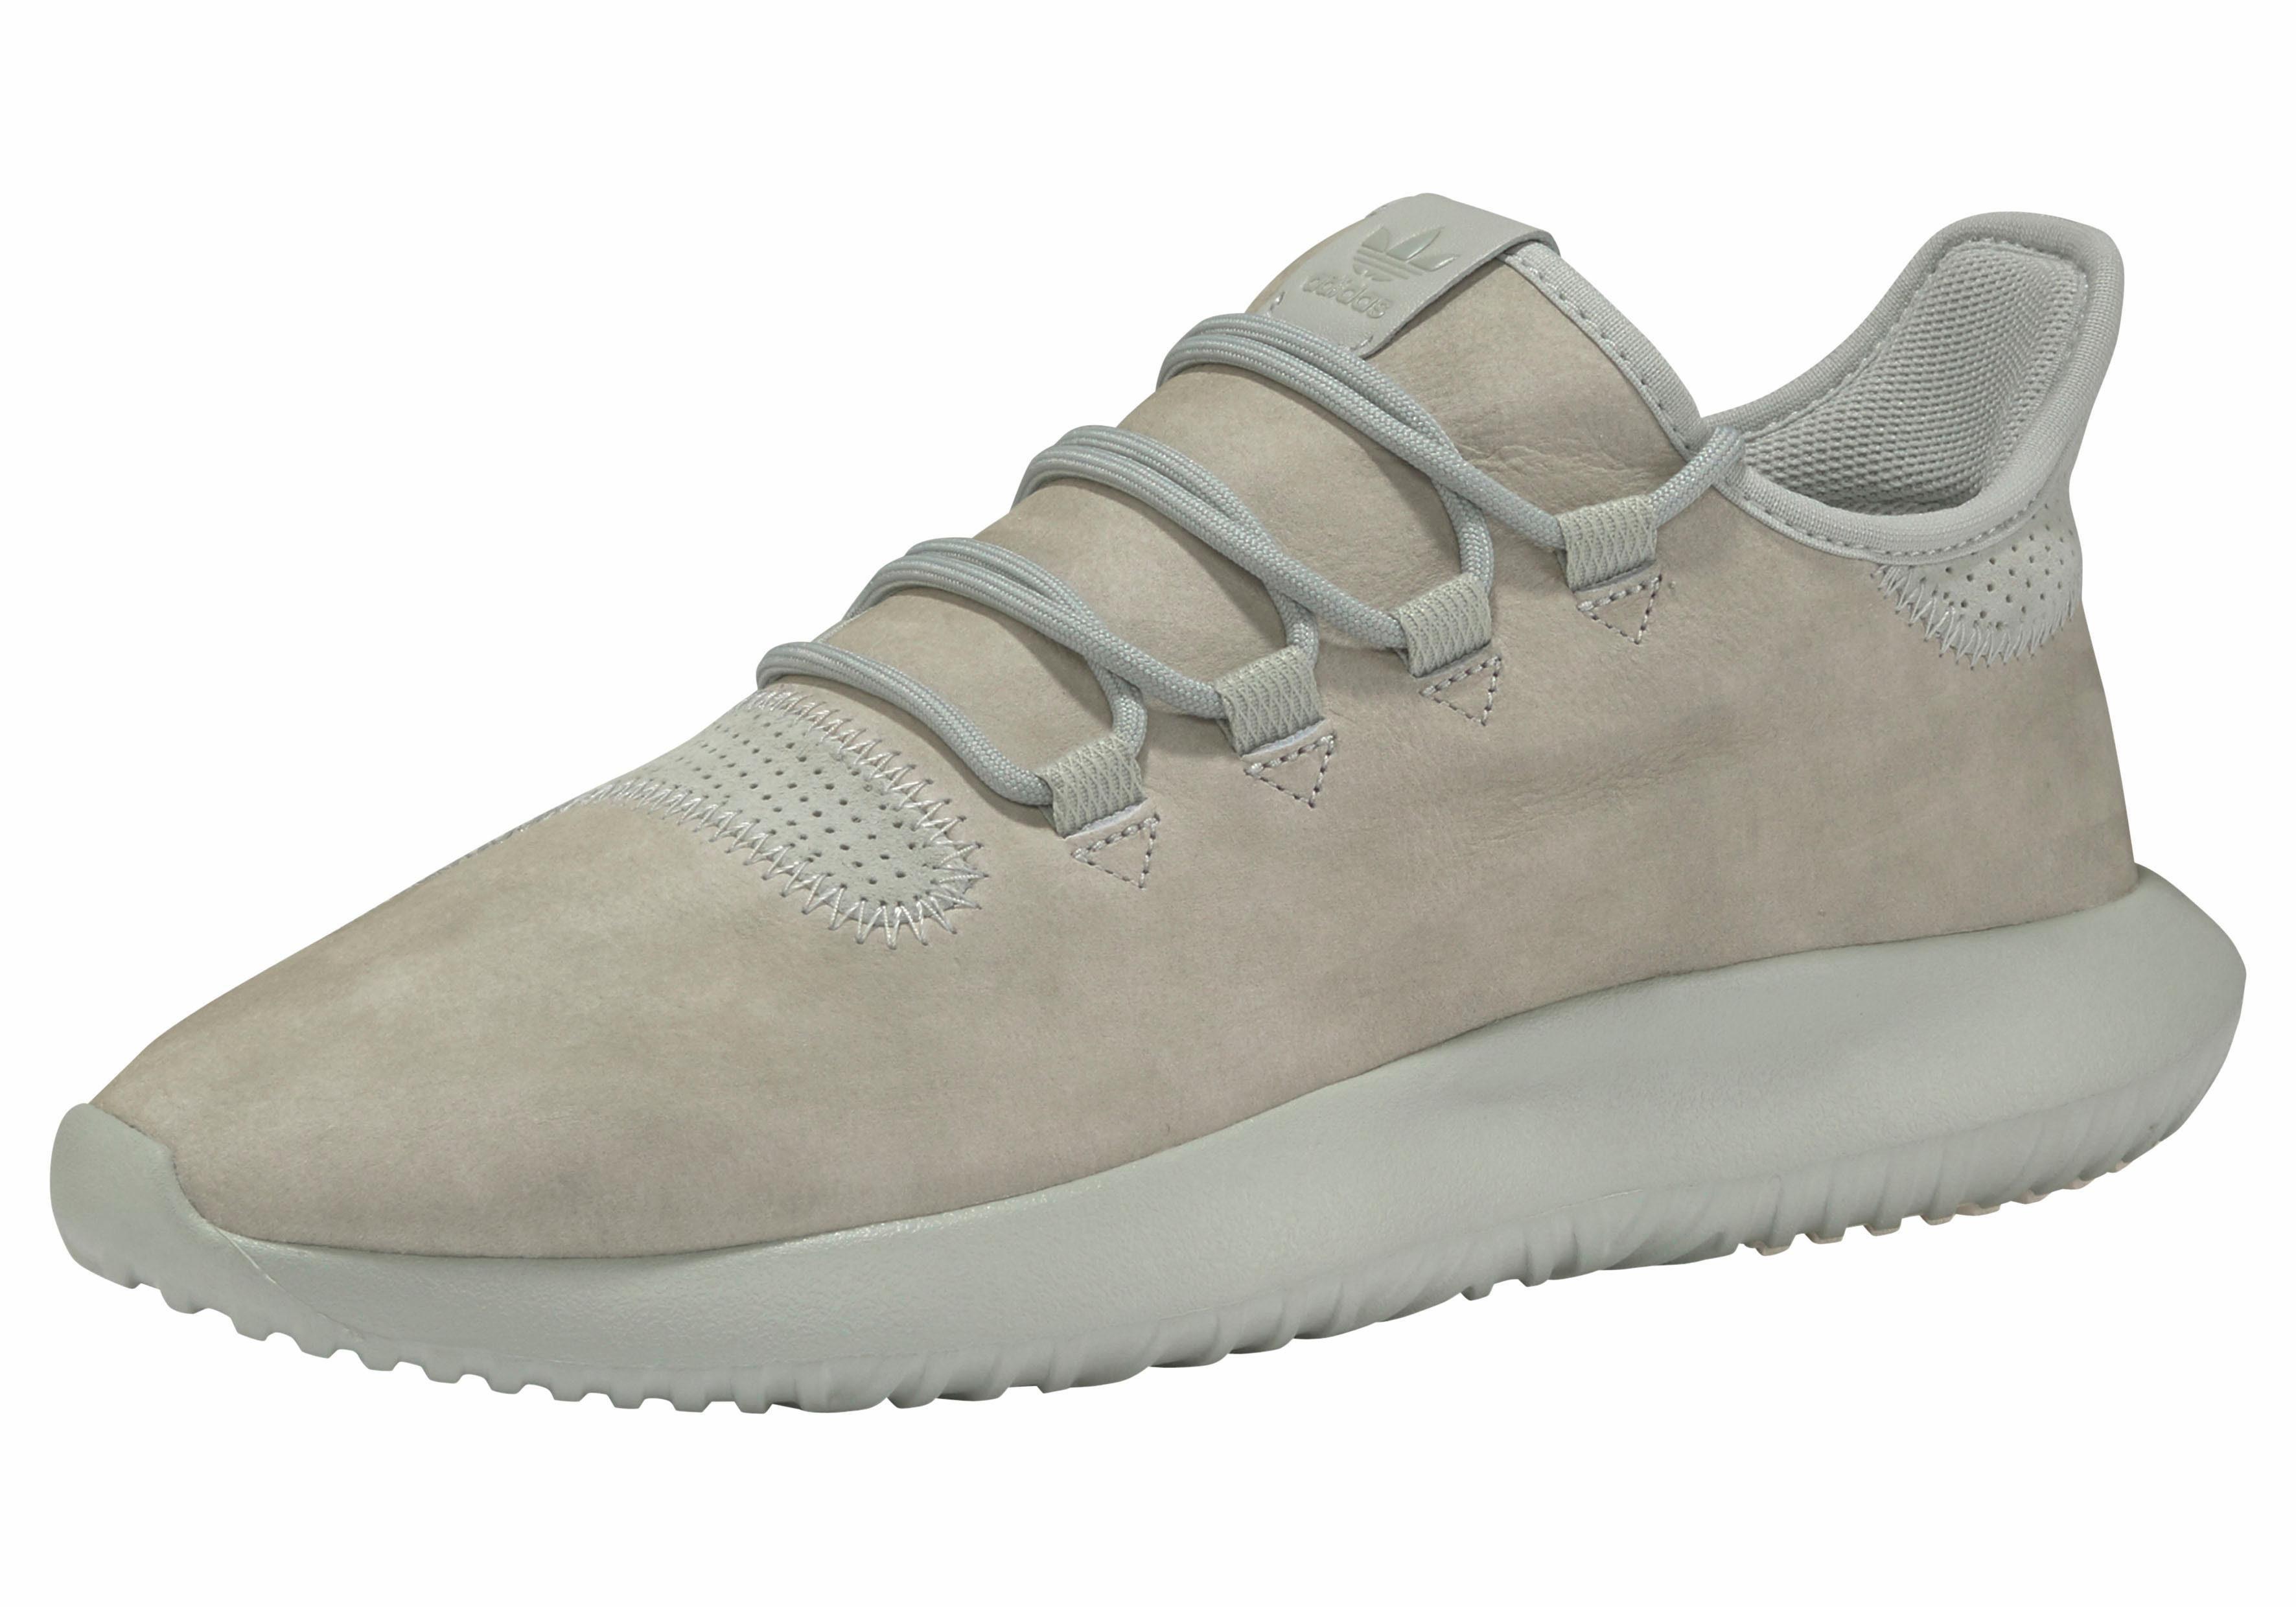 adidas Originals »Tubular Shadow« Sneaker, Weiches Obermaterial aus Leder online kaufen   OTTO